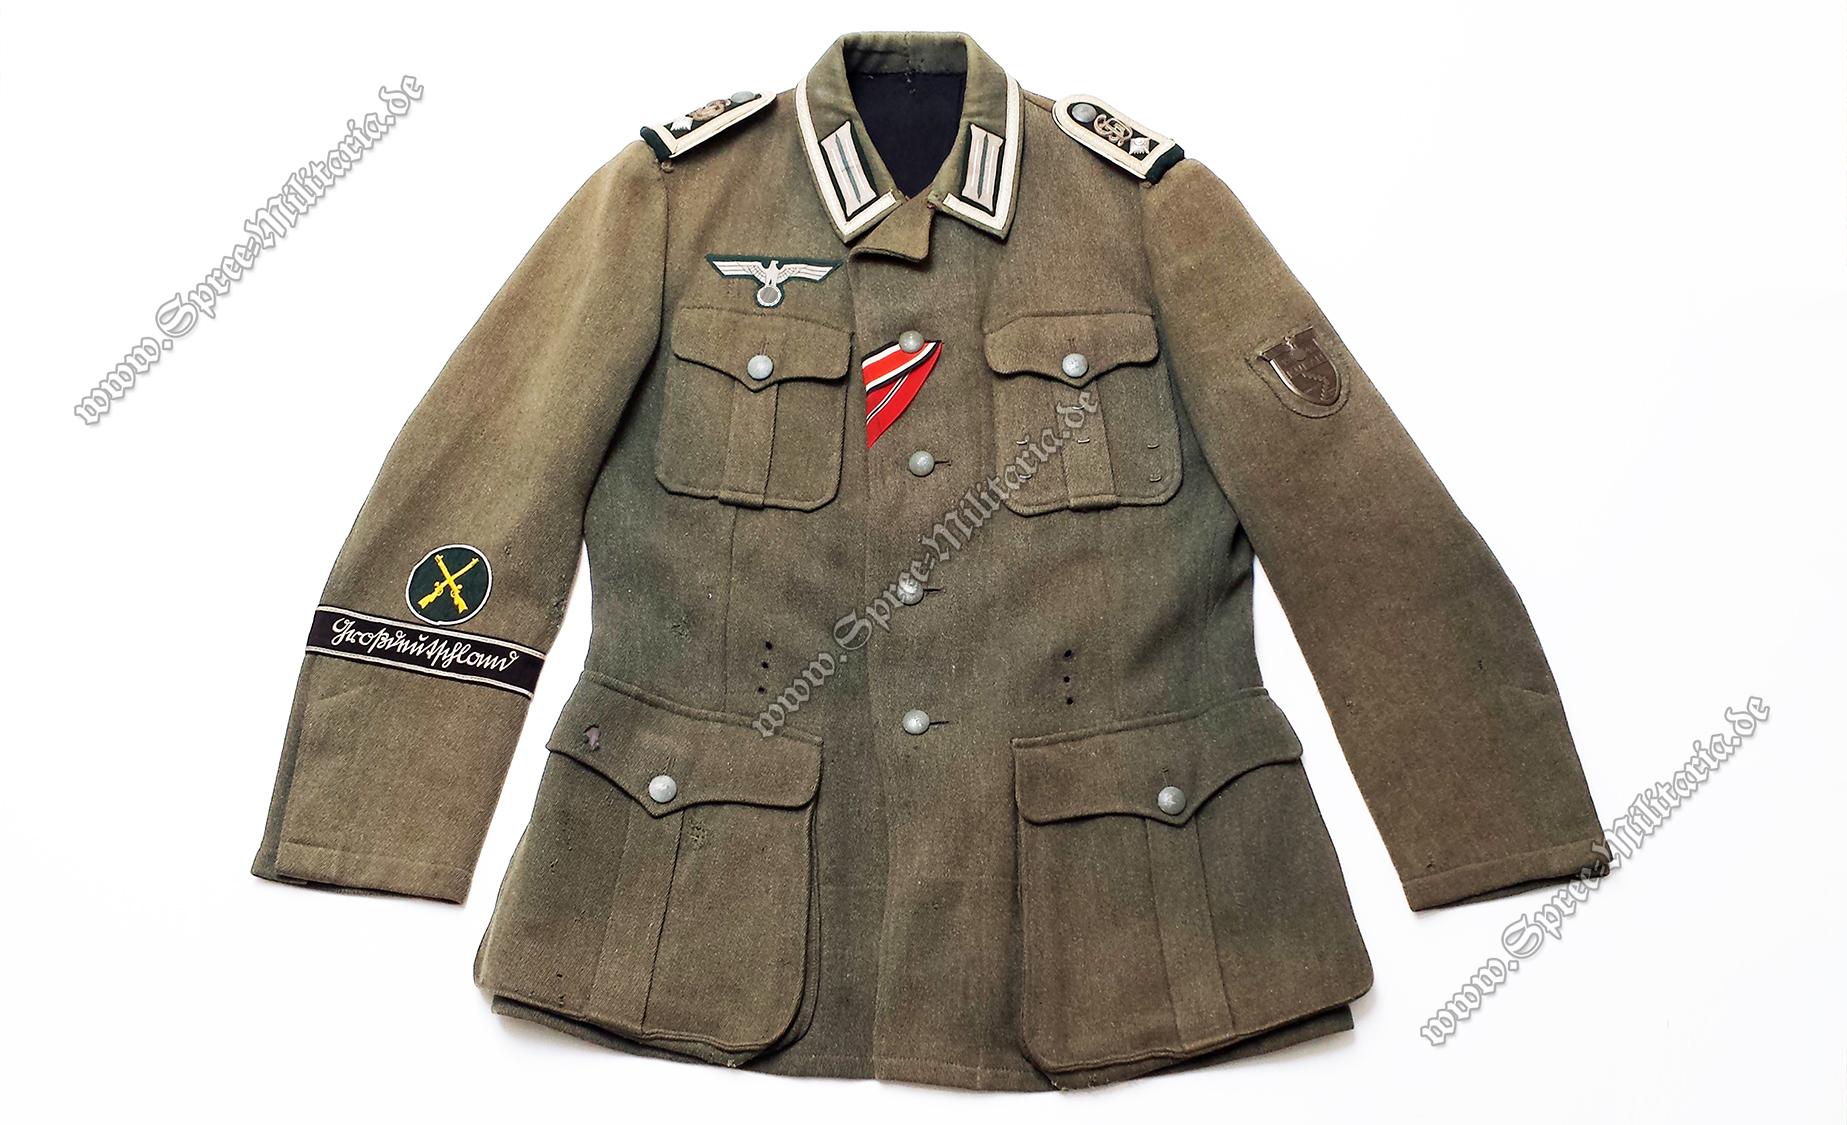 Wehrmacht Uniformjacke M40 Infanterie Feldwebel